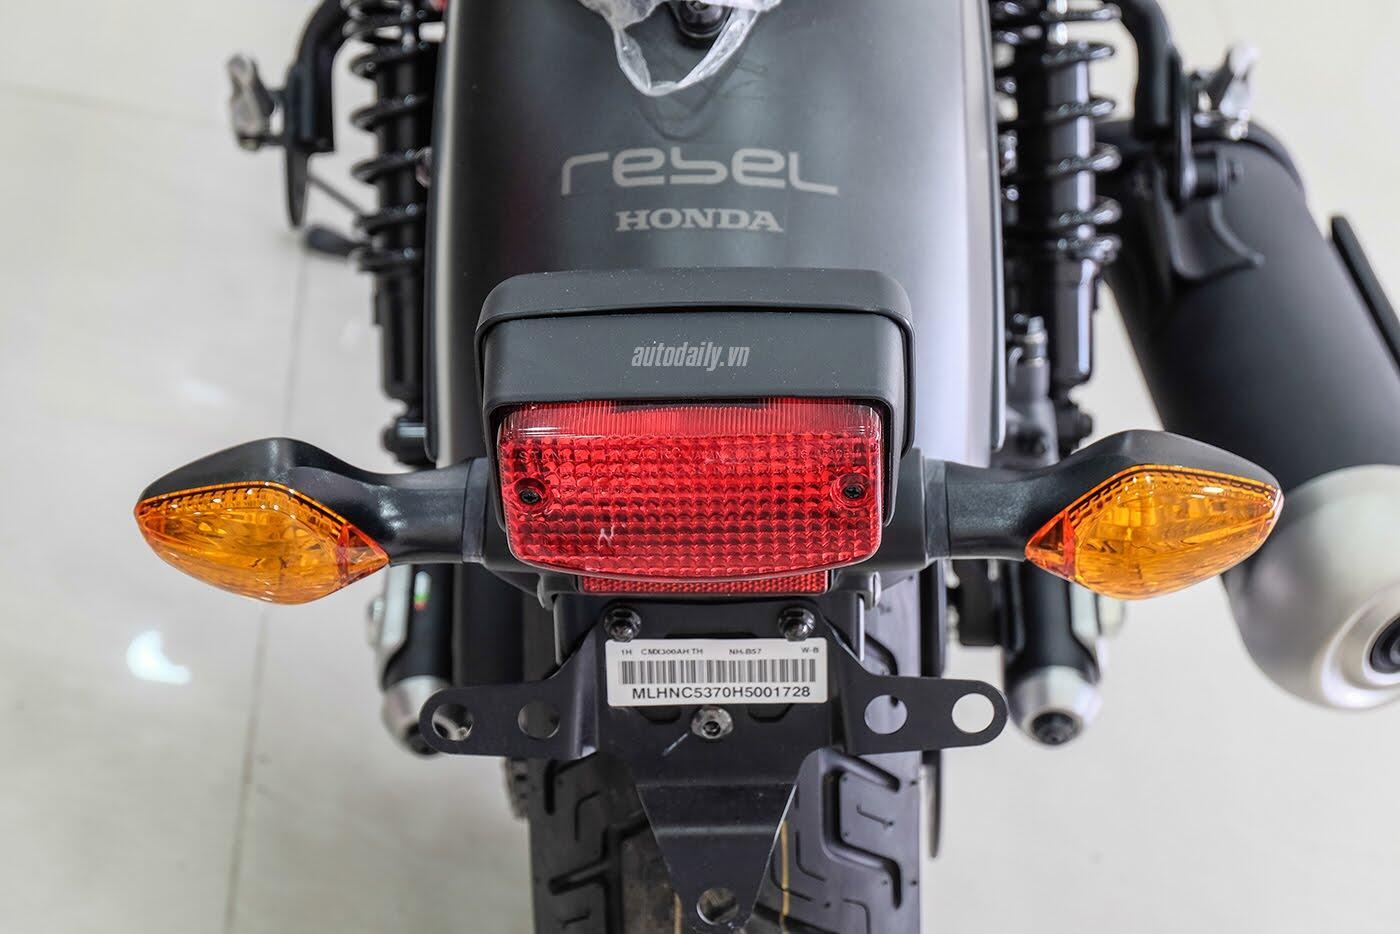 Honda Rebel 300 ABS 2017 đầu tiên về Việt Nam, giá hơn 170 triệu đồng - Hình 7